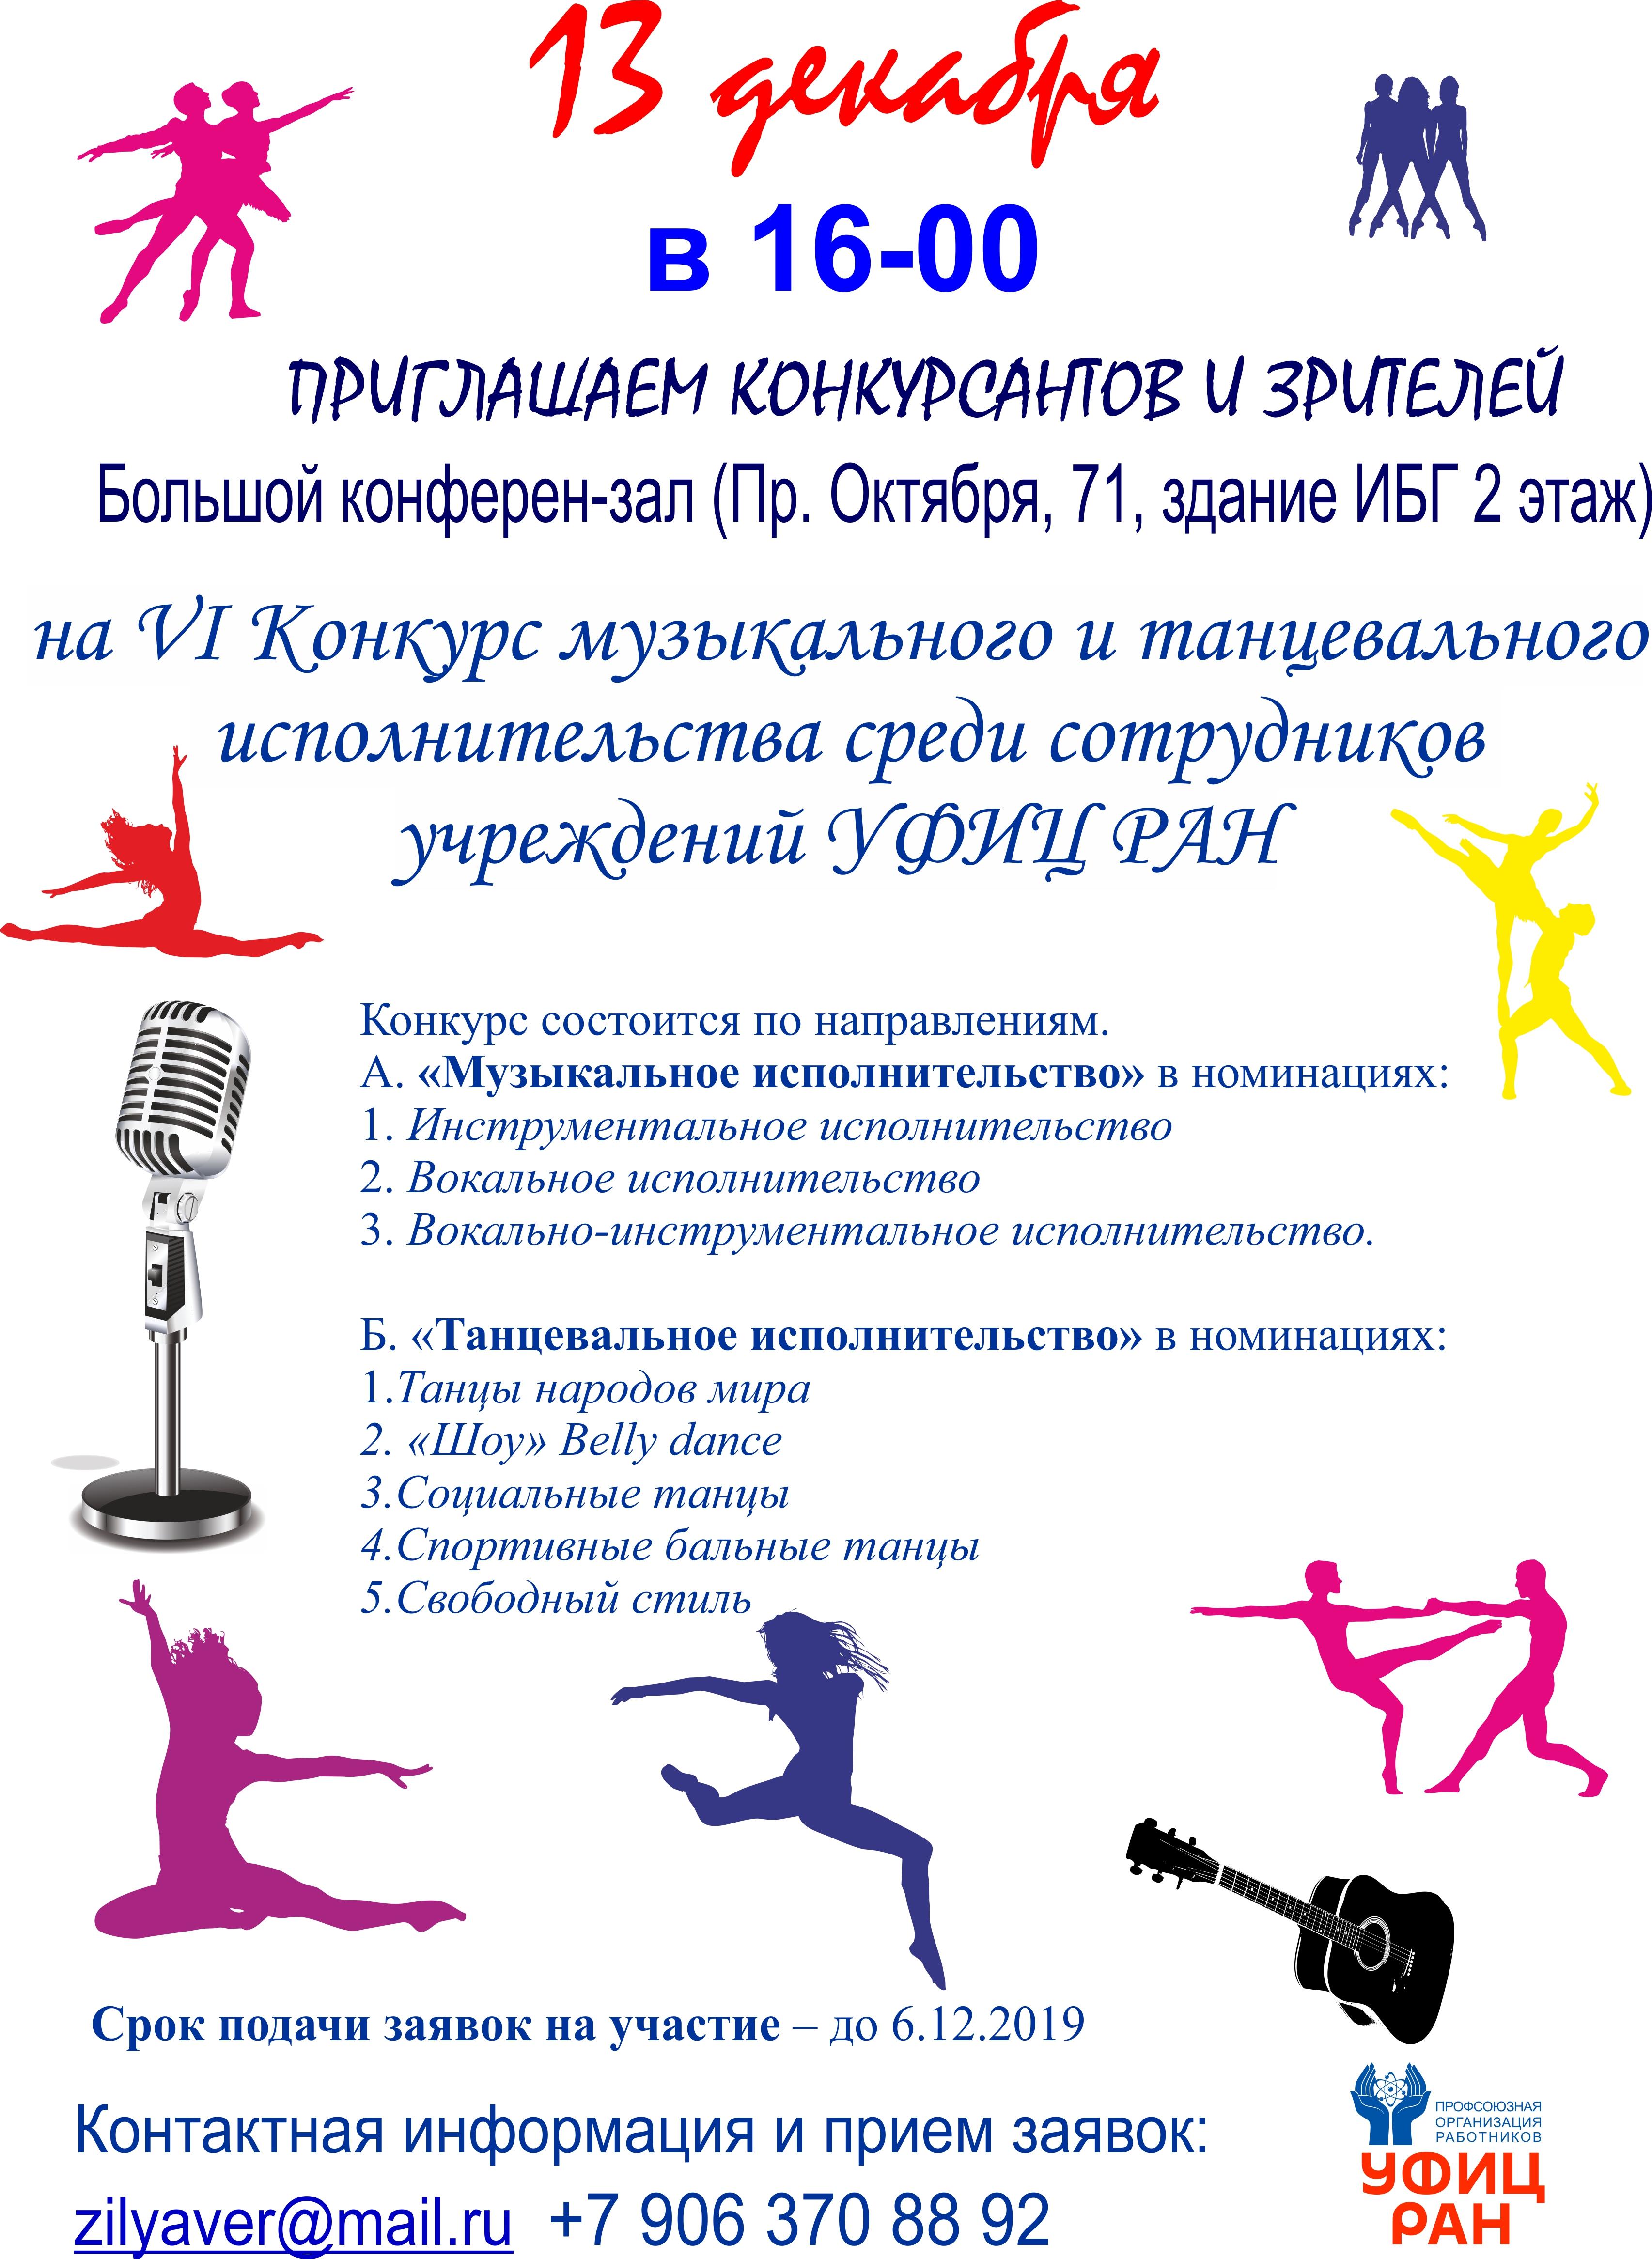 13 декабря 2019 г. состоится Конкурс-концерт, посвященный100-летиюобразованияРеспубликиБашкортостан и100-летию со дня рождения Мустая Карима